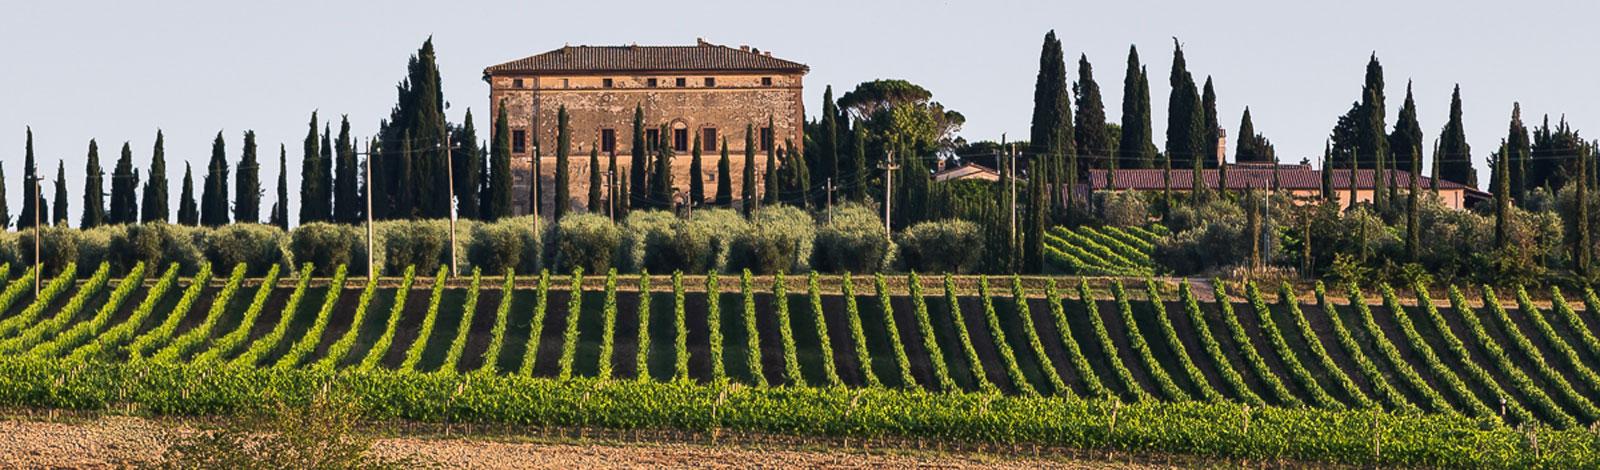 arigiano-villa-rent-tuscany-lambertino-italy